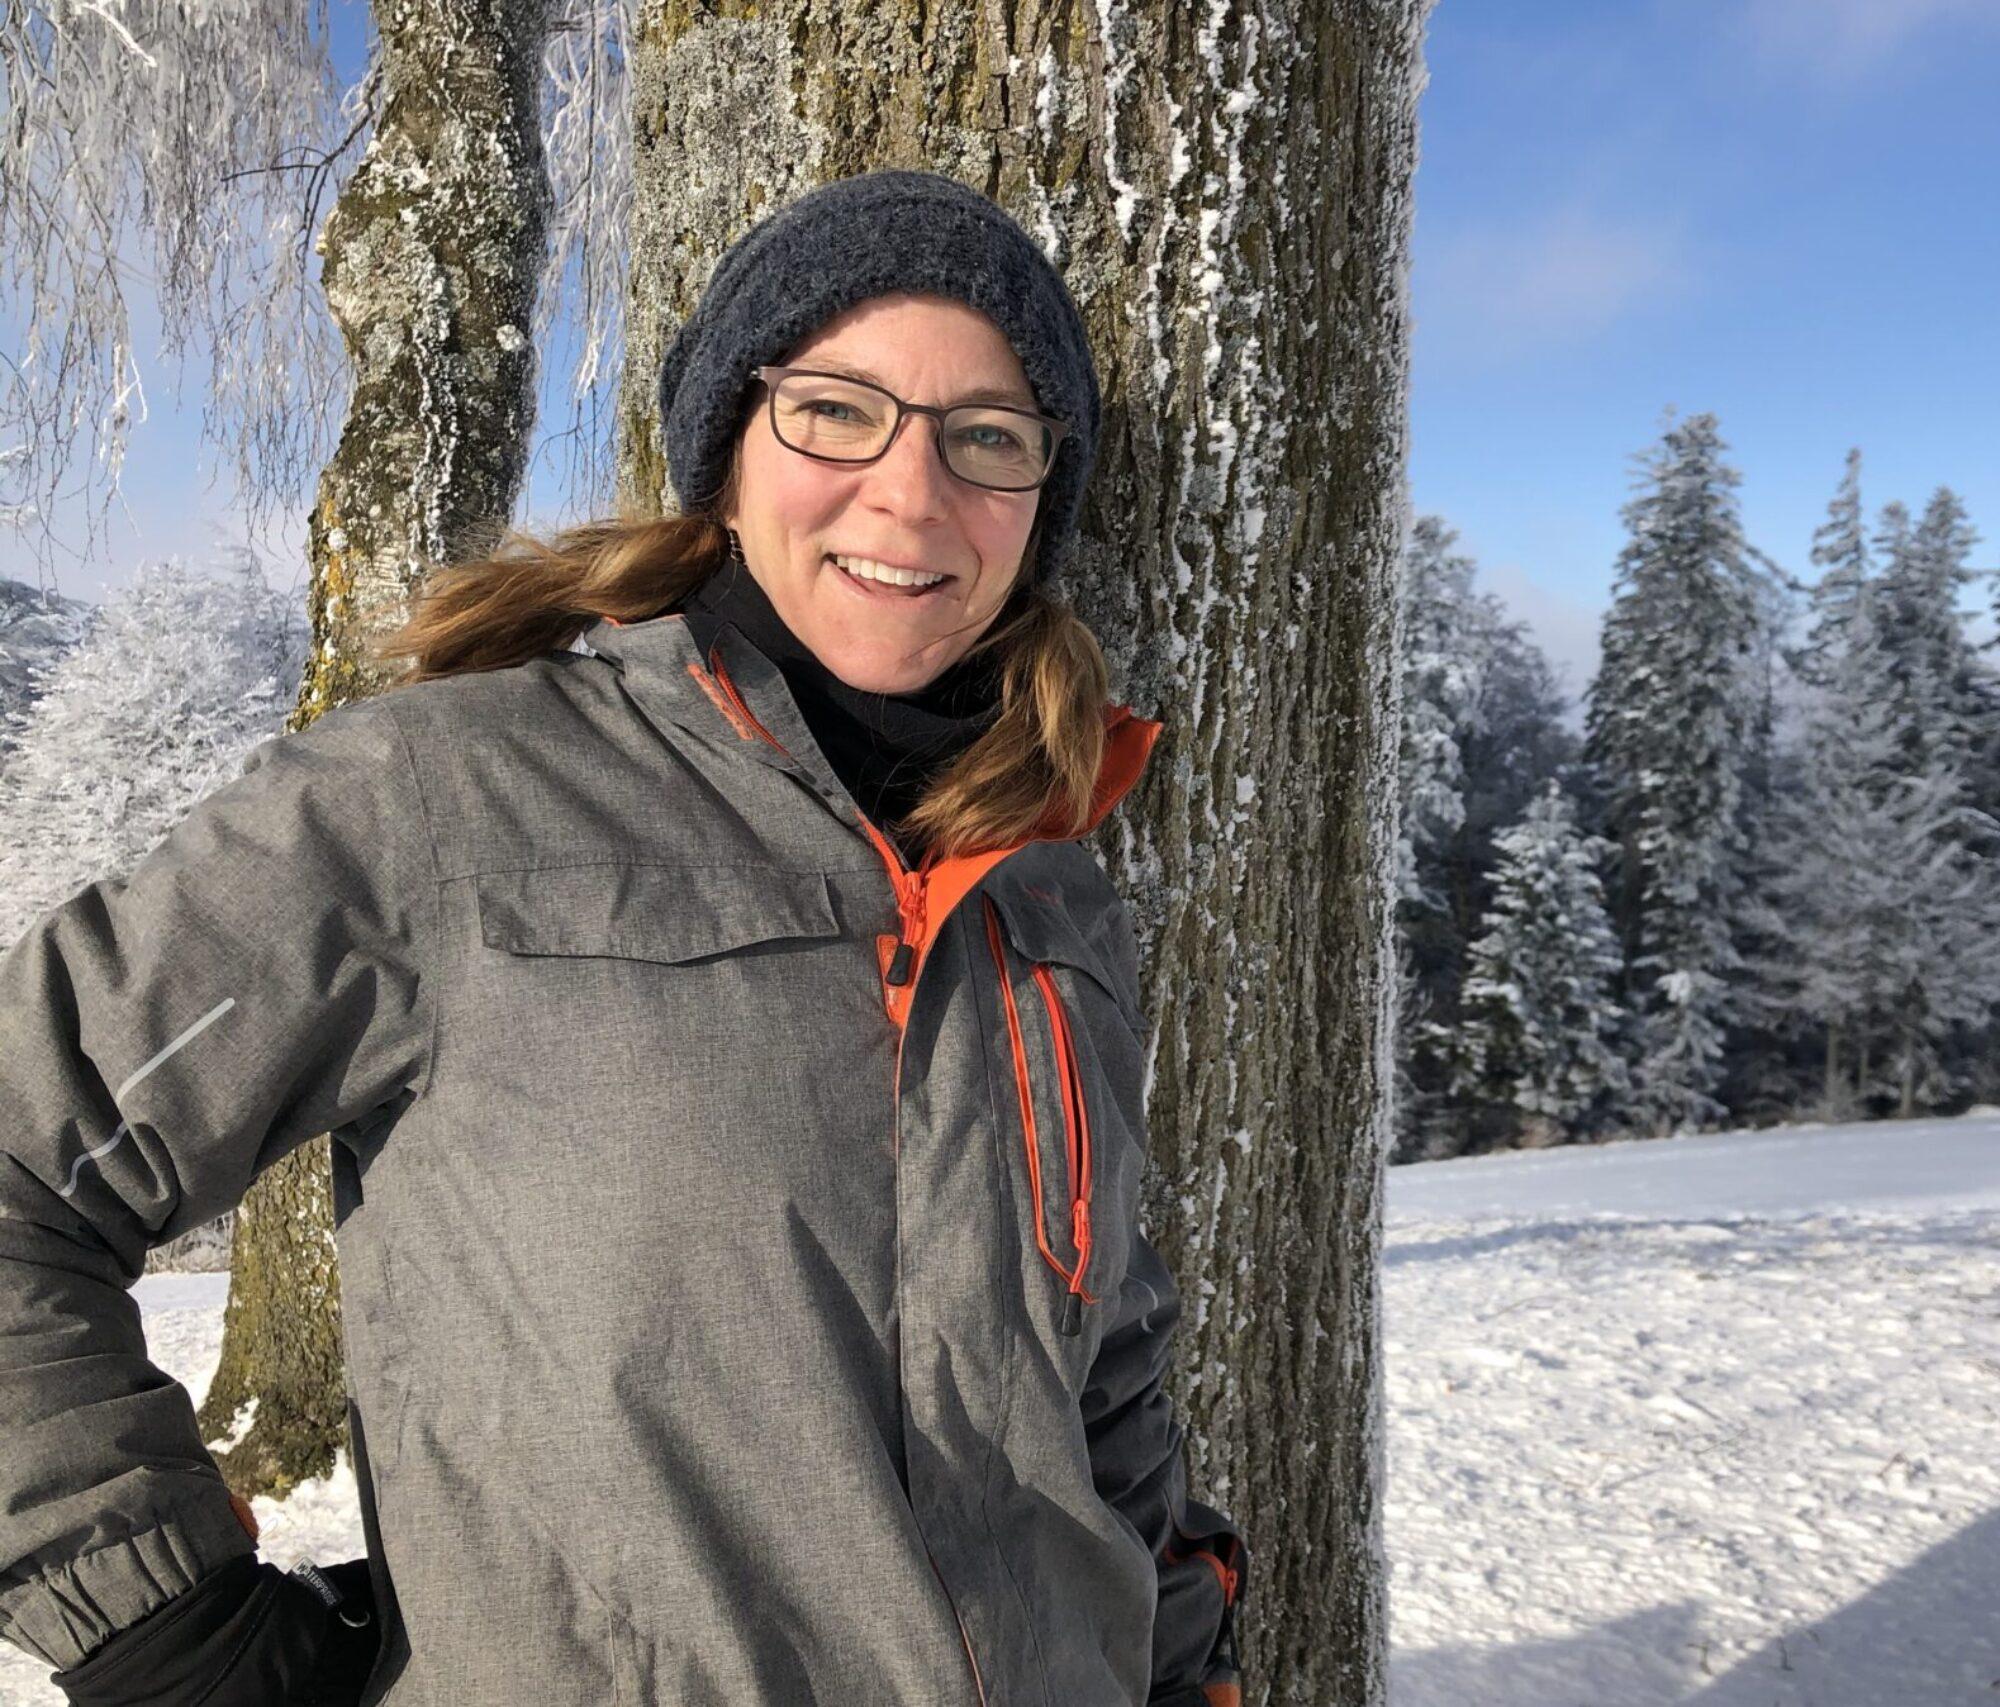 Hebamme BSc Judith Kaufmann